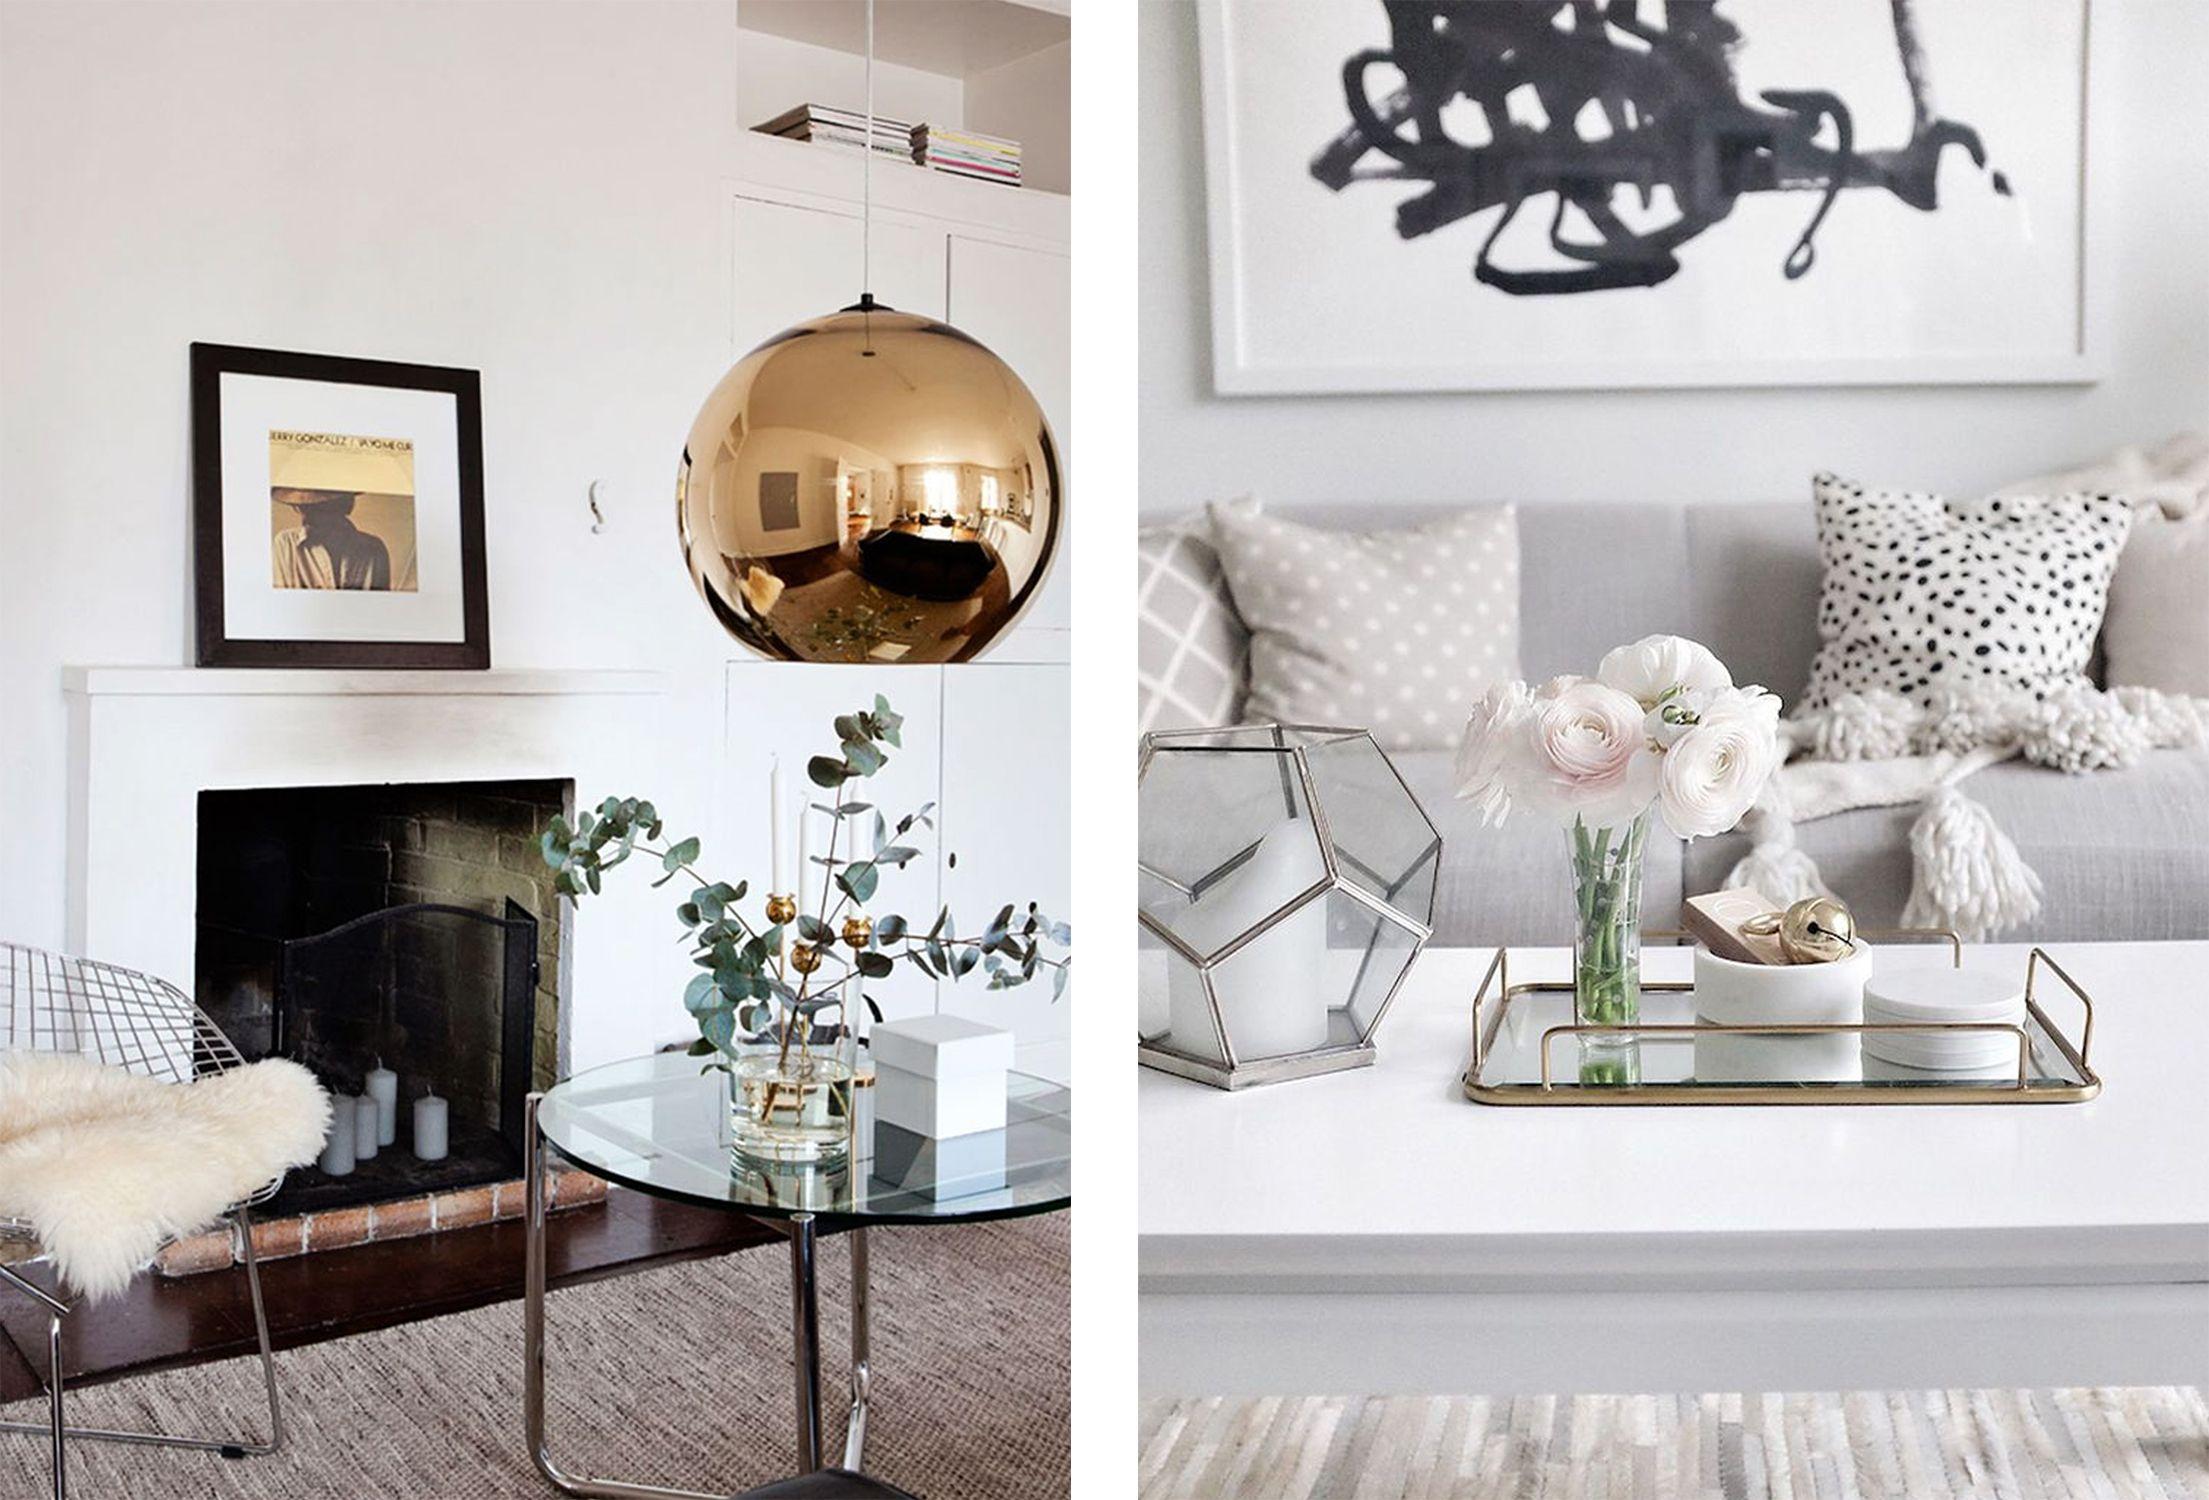 Mixed Metals In The Living Room Darci Hether Living Room Living Room Designs Living Room Decor Metallic living room decor